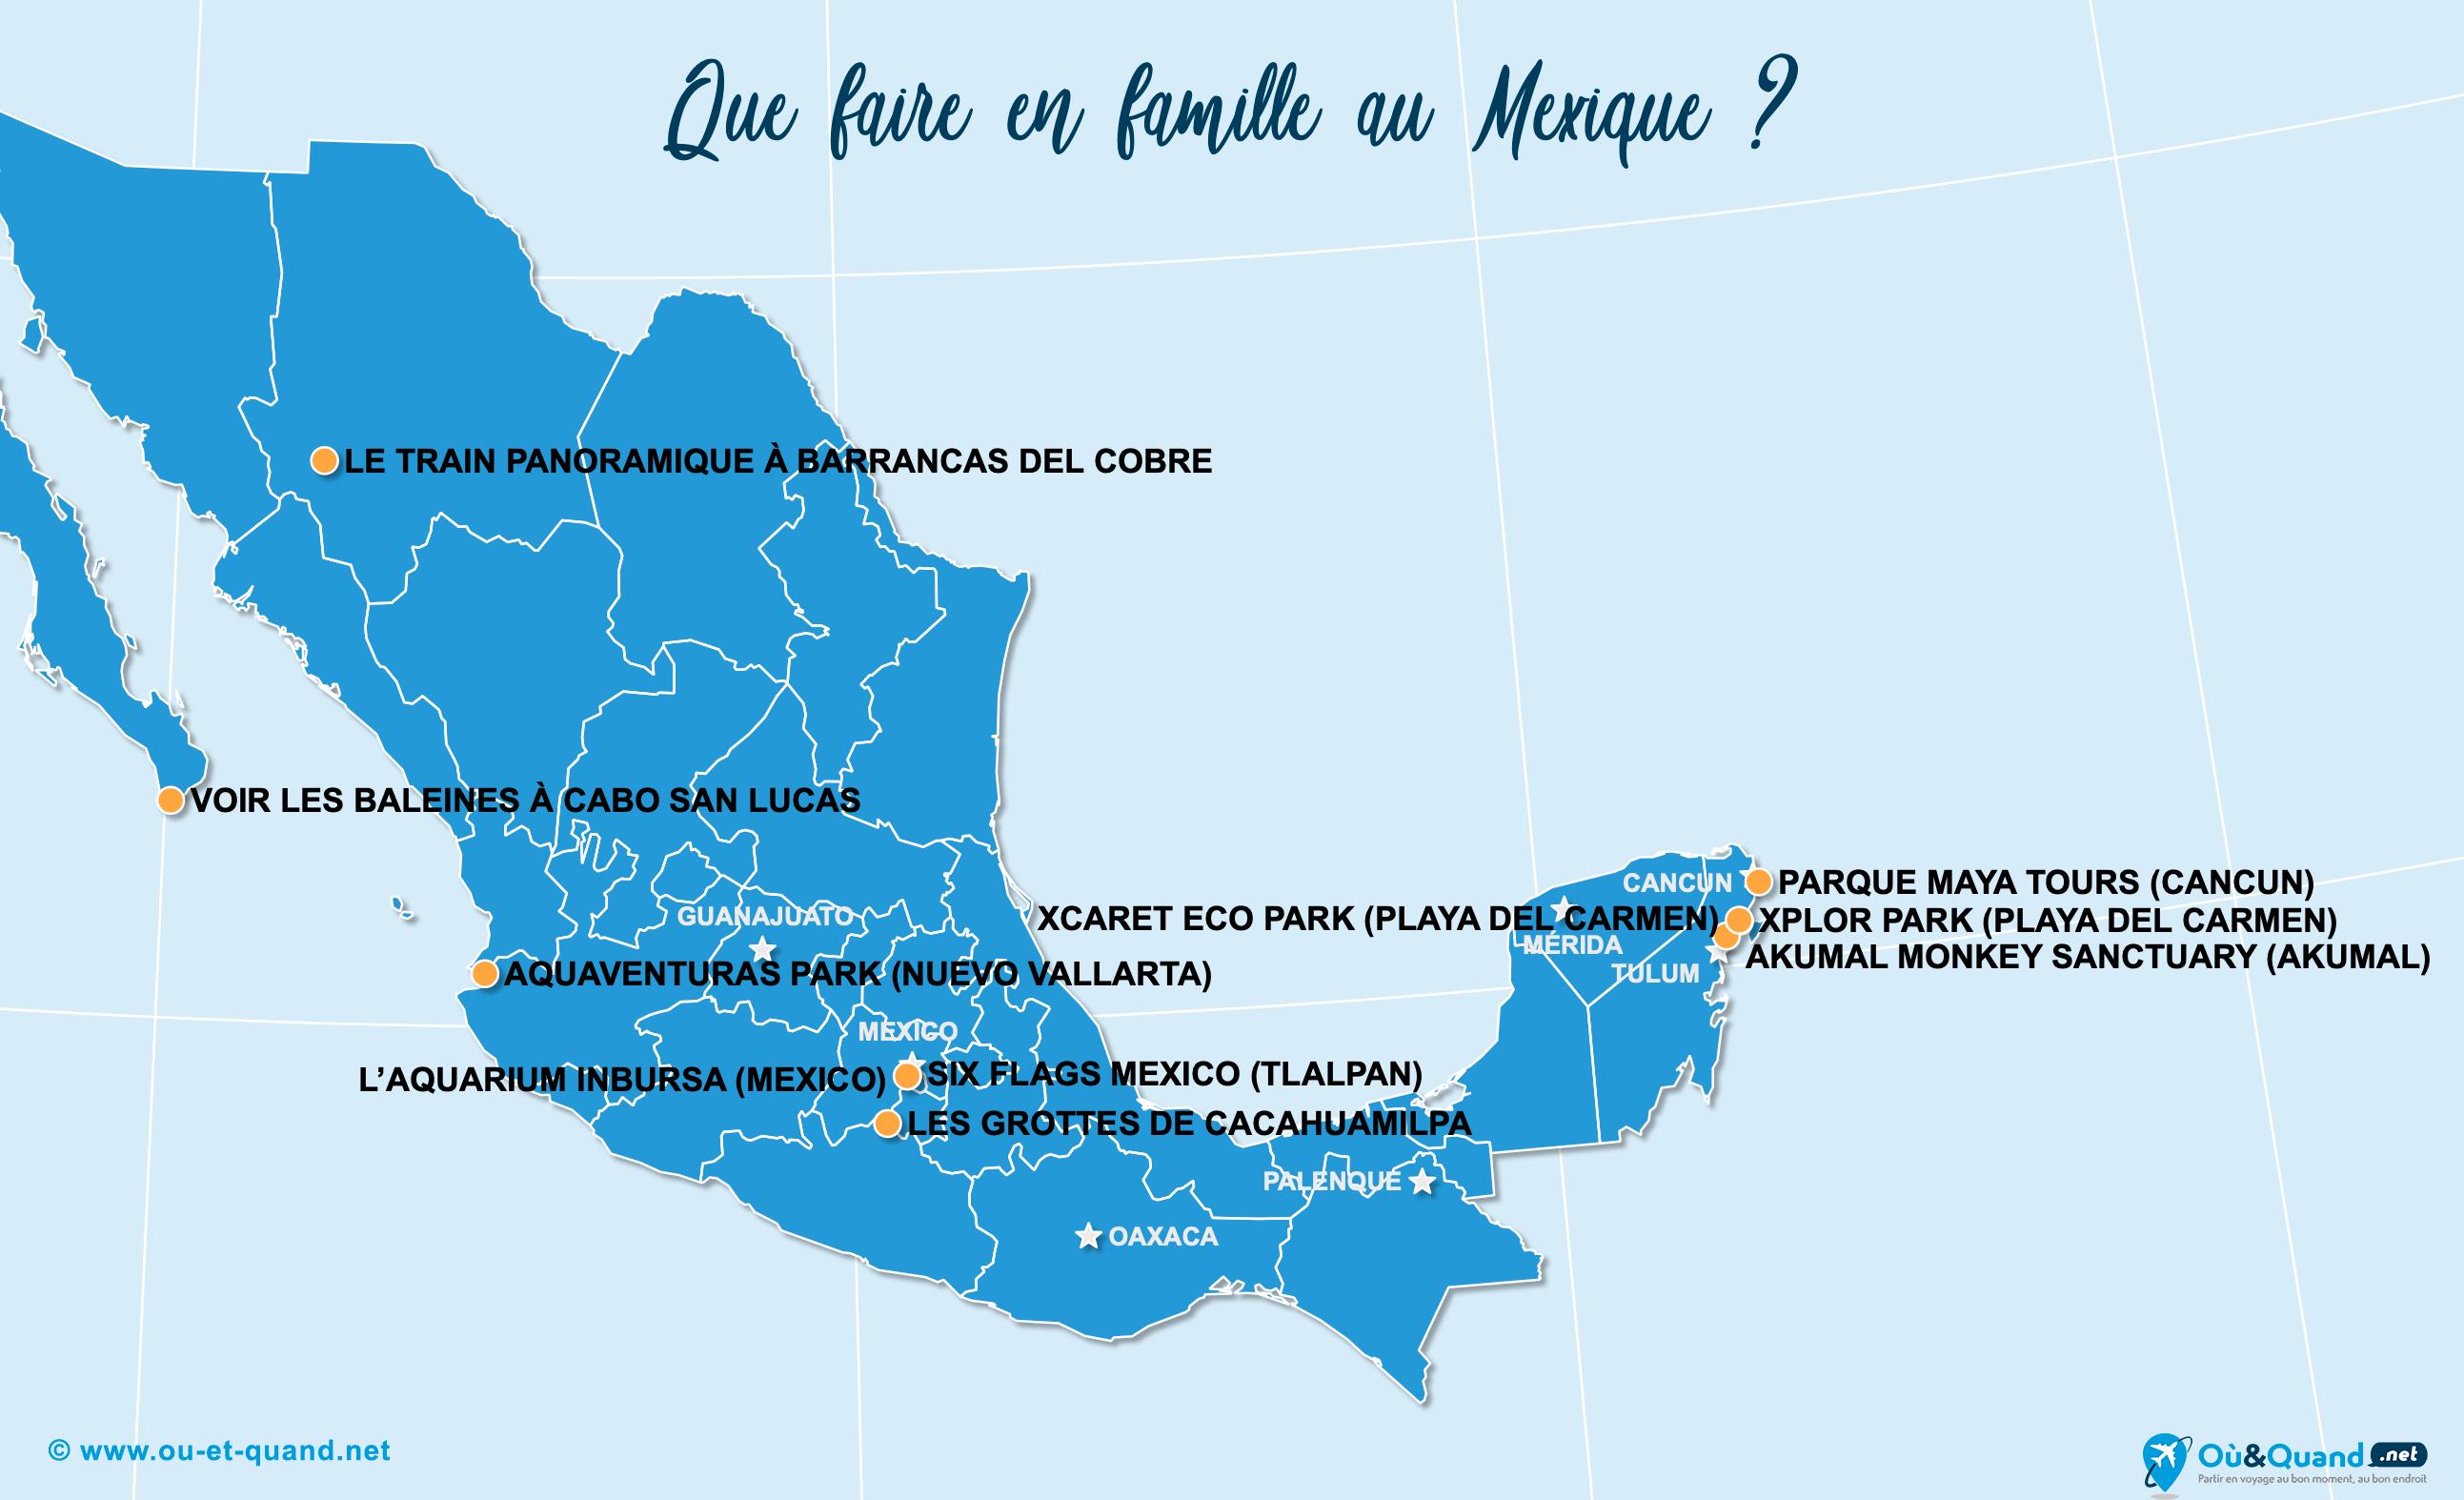 Carte Mexique : Le Mexique en famille